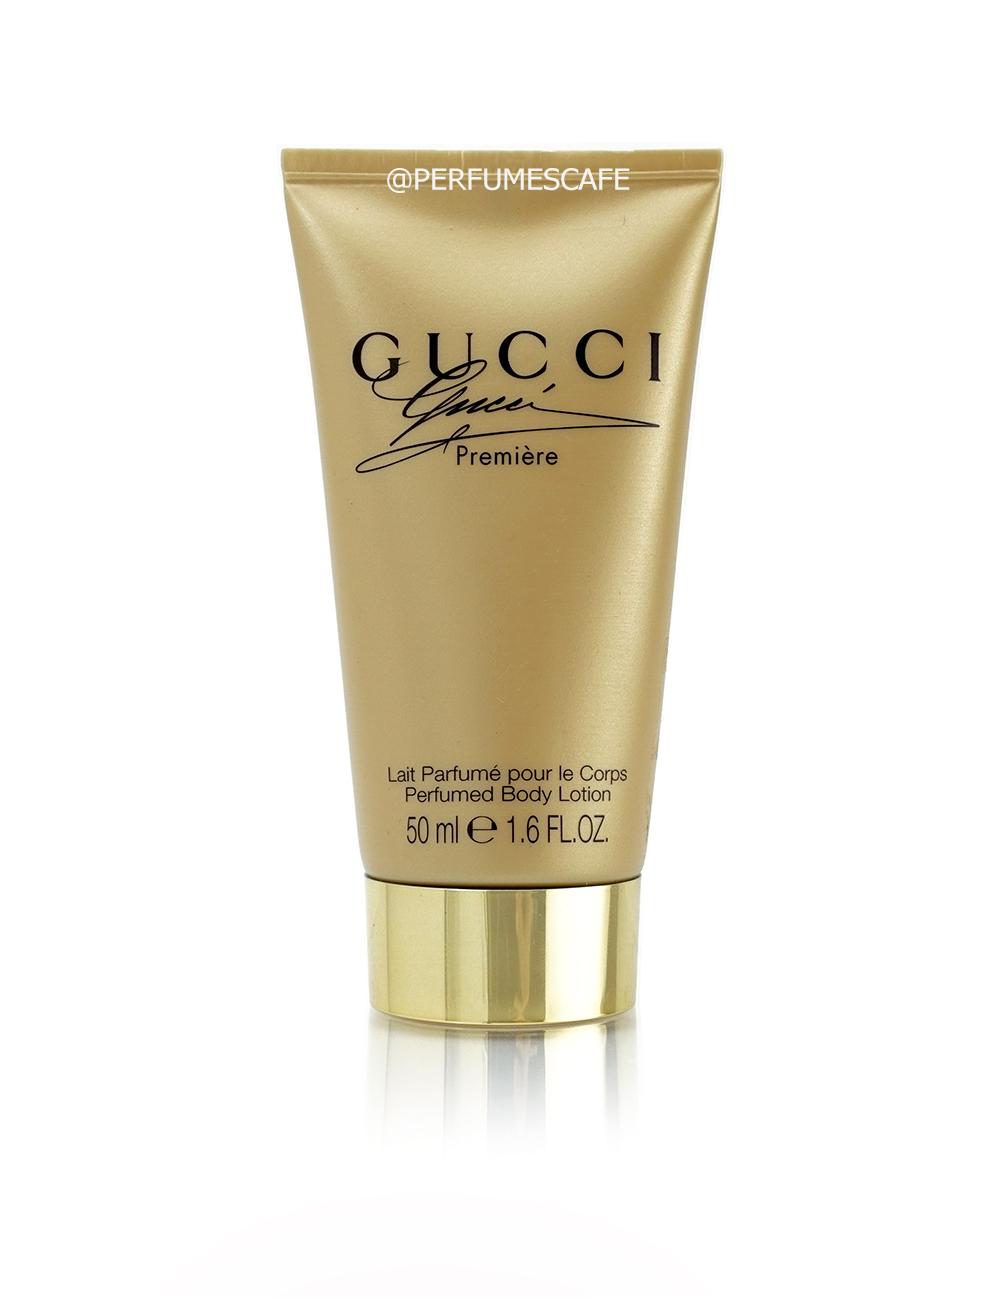 โลชั่นน้ำหอม Gucci Premiere Perfumed Body Lotion ขนาด 50ml.